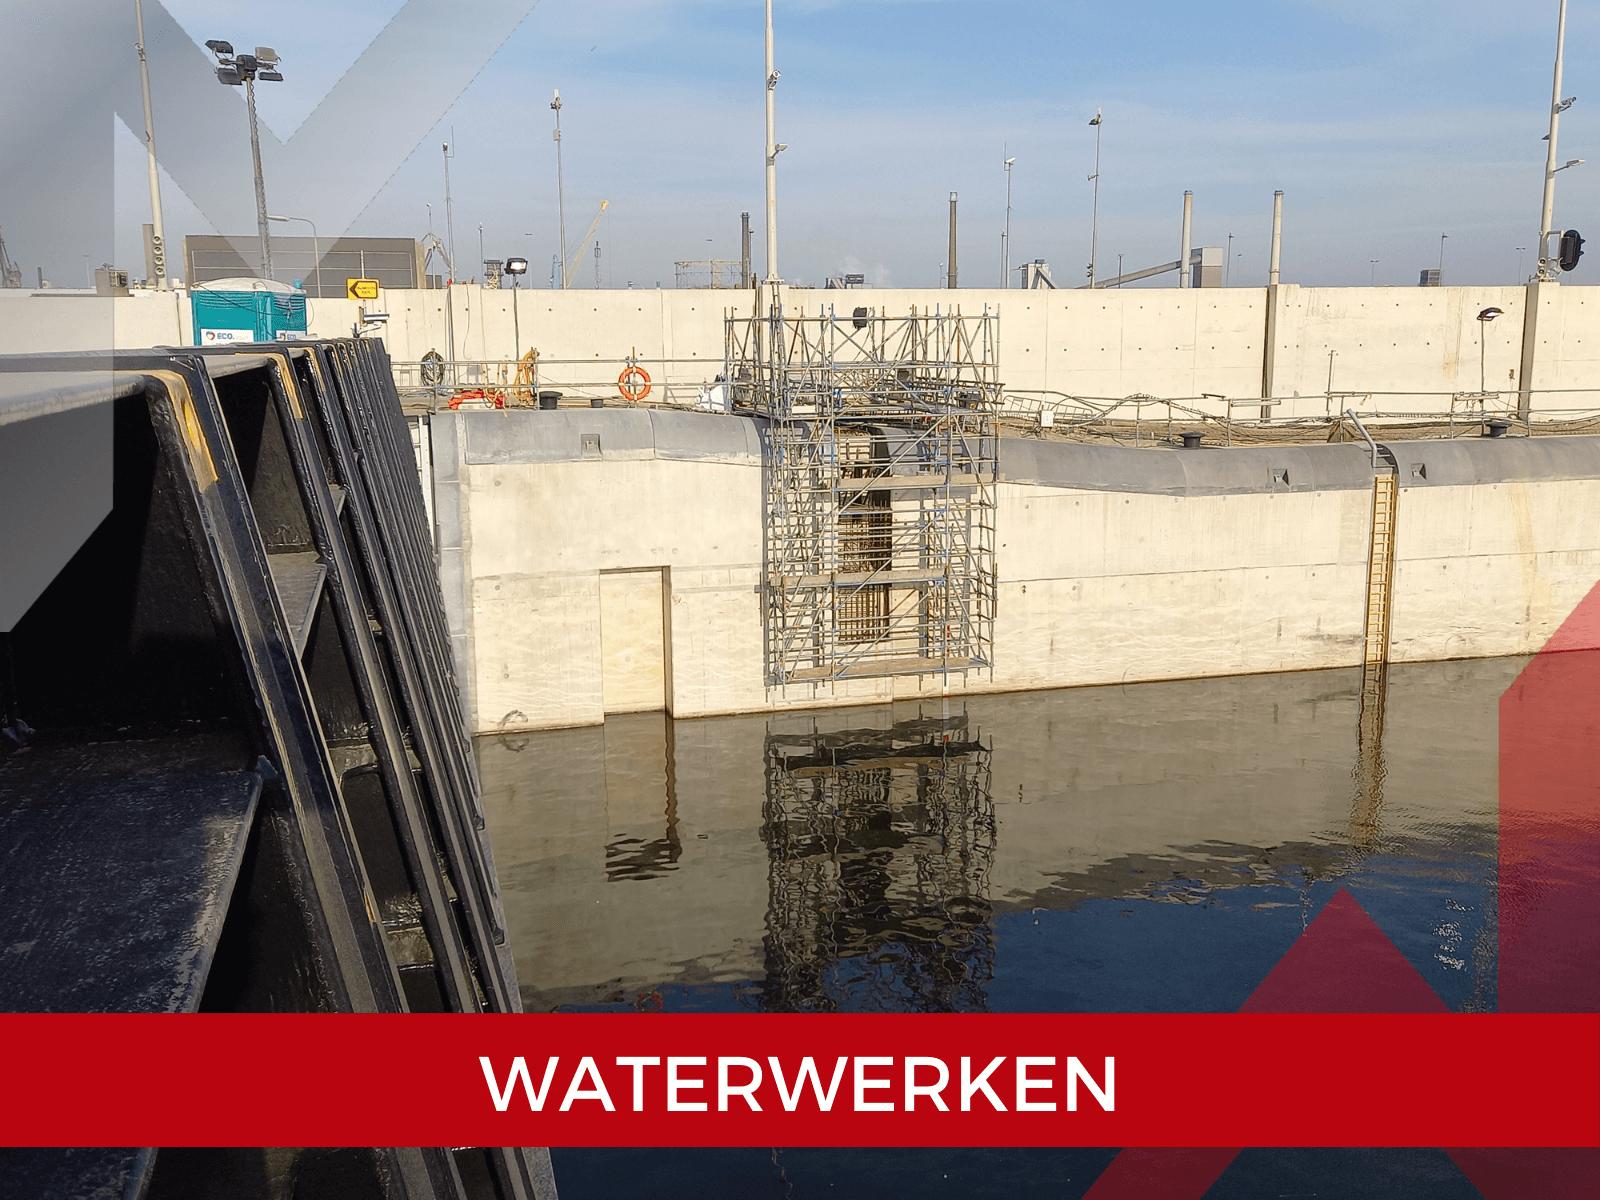 Waterwerken Marsé Montage